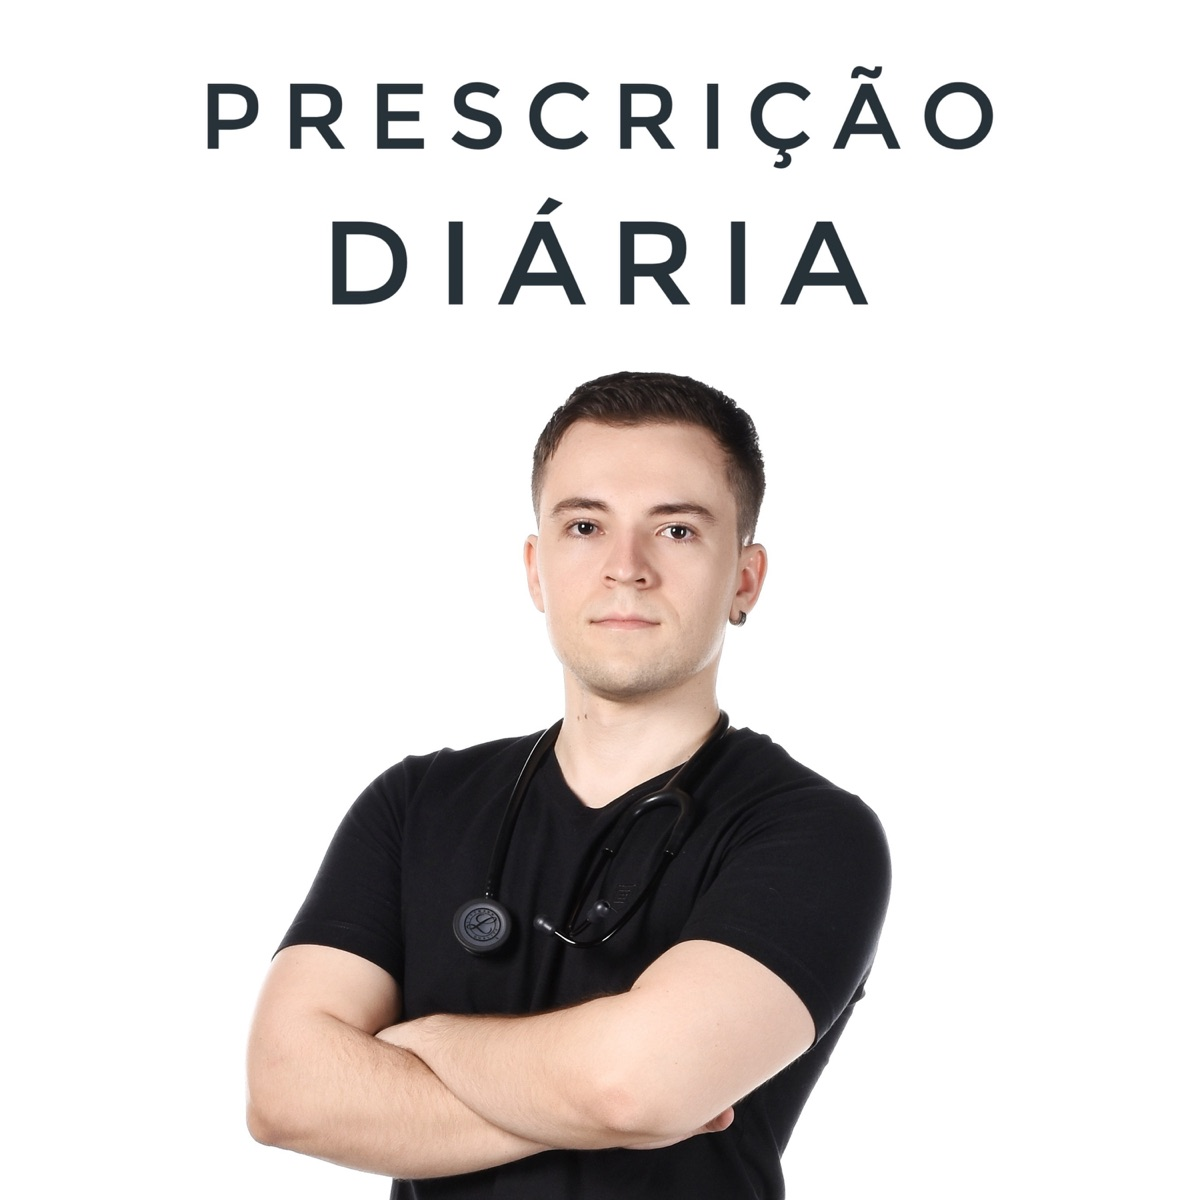 Prescrição Diária: Saúde & Estilo de Vida.